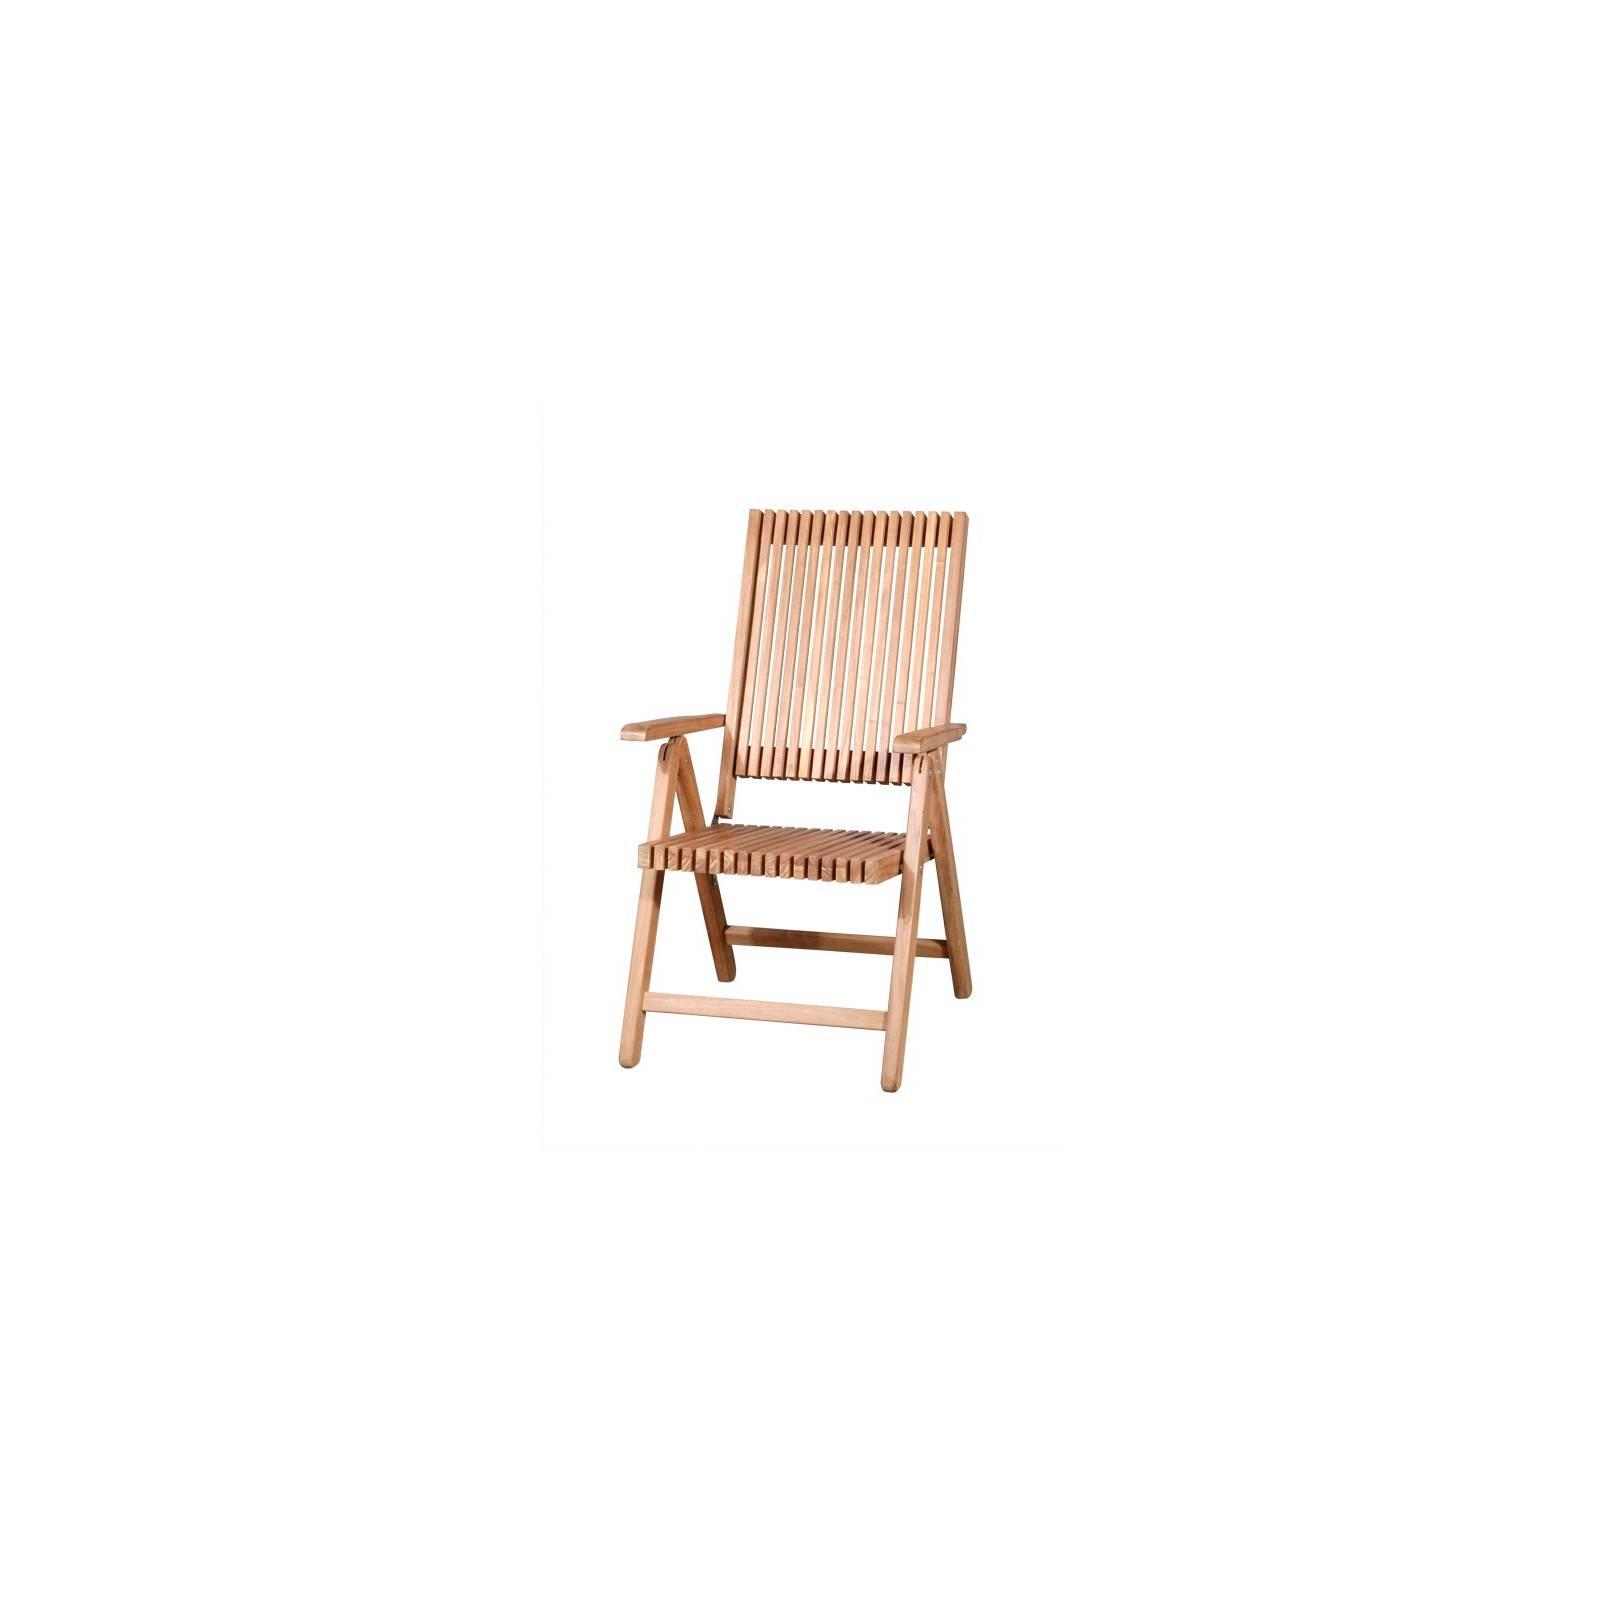 Chaise De Jardin Vicio Teck - meuble de jardin